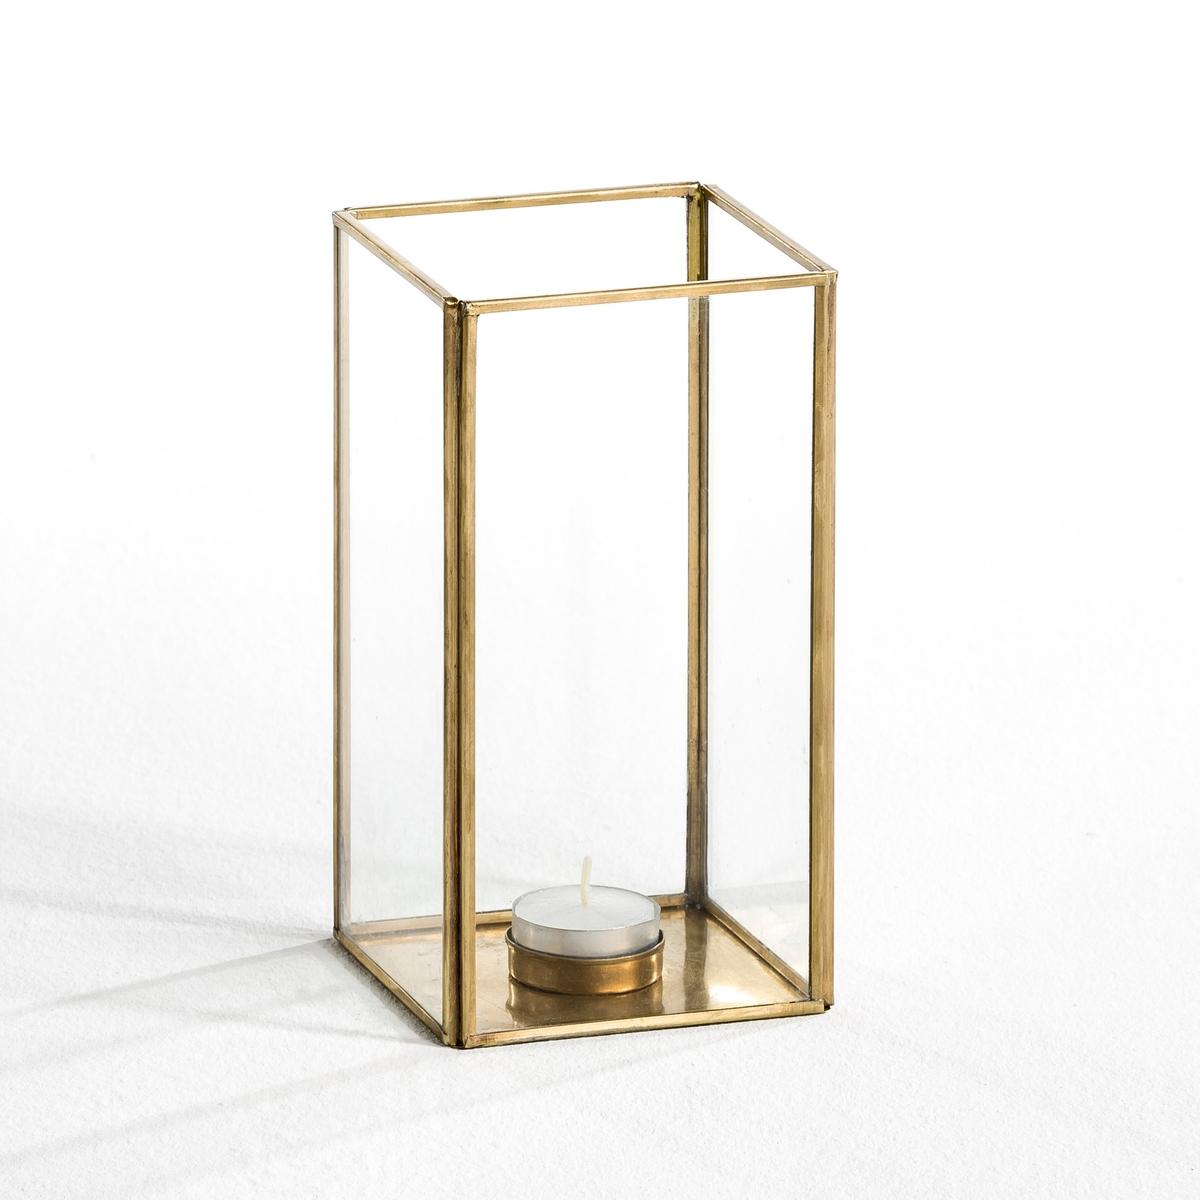 Абажур для свечи Misia, маленькая модельКаркас из металла с отделкой латунью и стекла толщиной 2 мм. Подходит для свечей диаметром 10 см и высотой 15 см. Размеры: Д.10 x В.20 см x Г.10 см.<br><br>Цвет: латунь